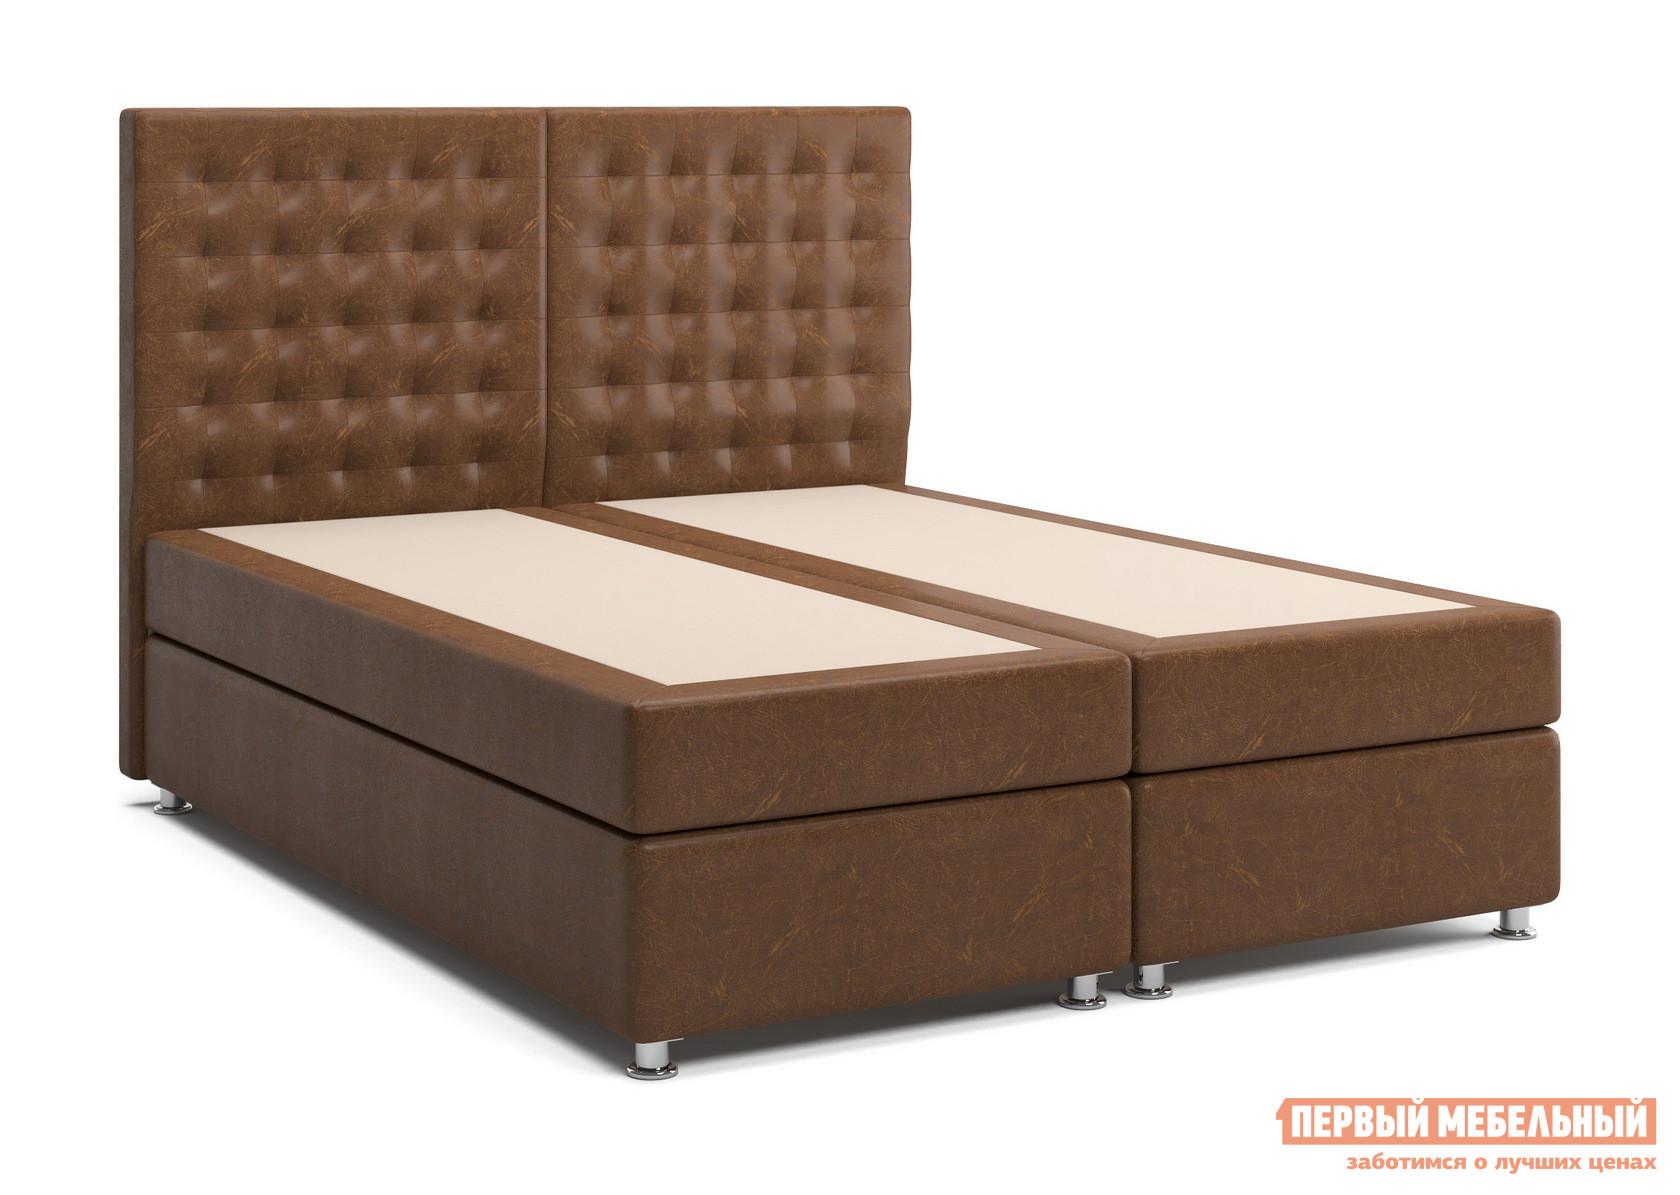 Двуспальная кровать с матрасом СтолЛайн Парадиз 2 (матрасы «Боннель», 2 шт.)